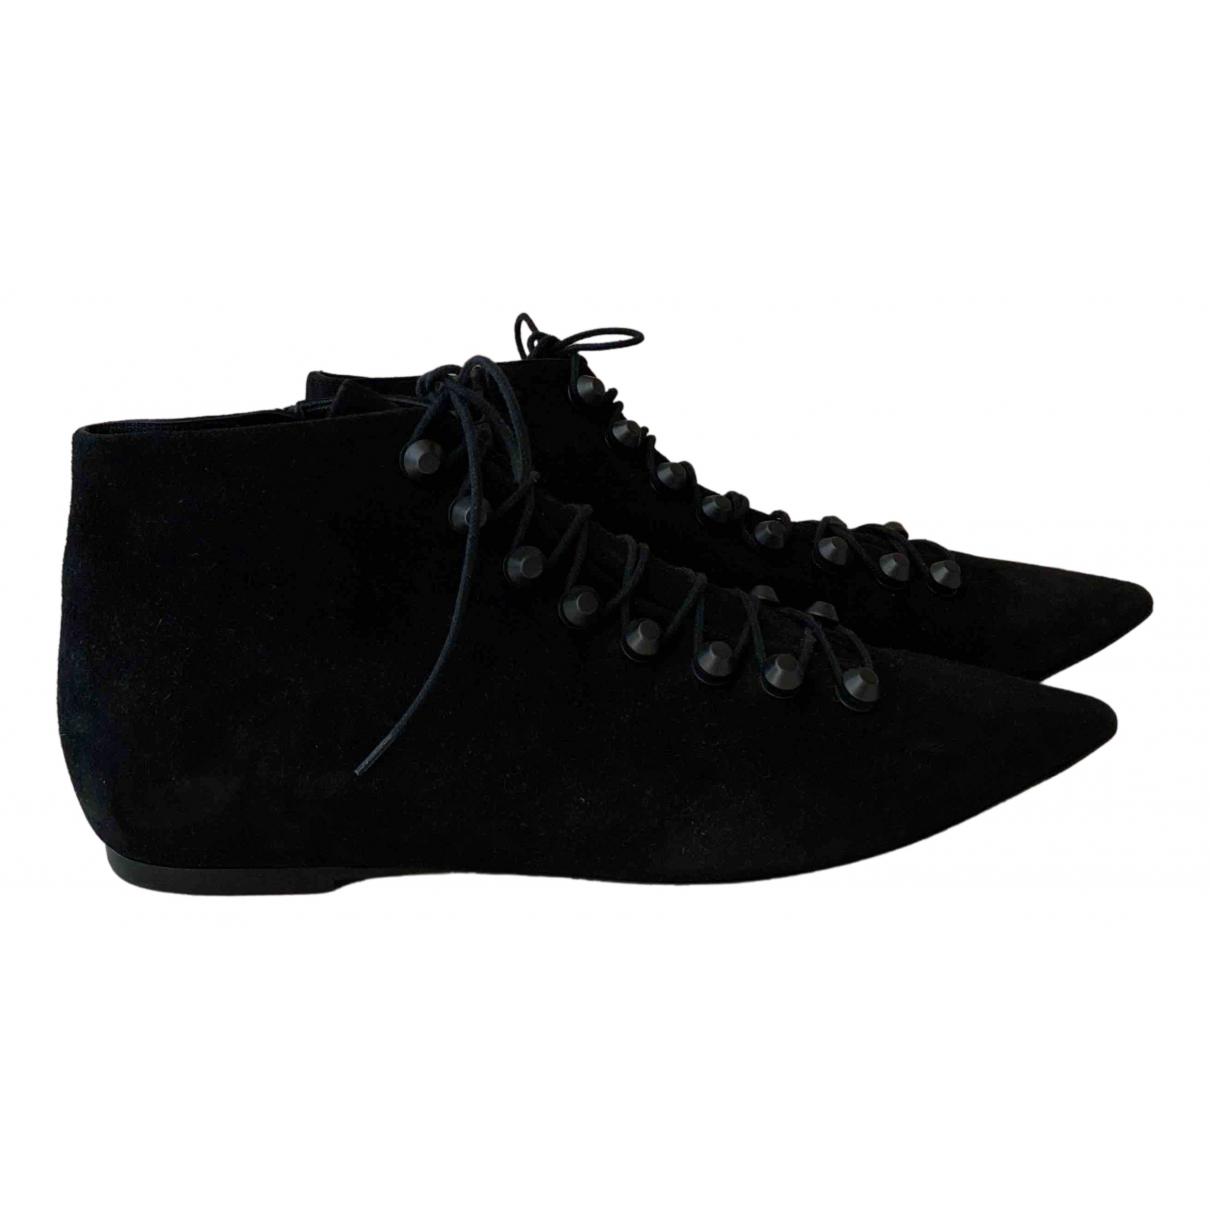 Balenciaga N Black Suede Lace ups for Women 40 EU